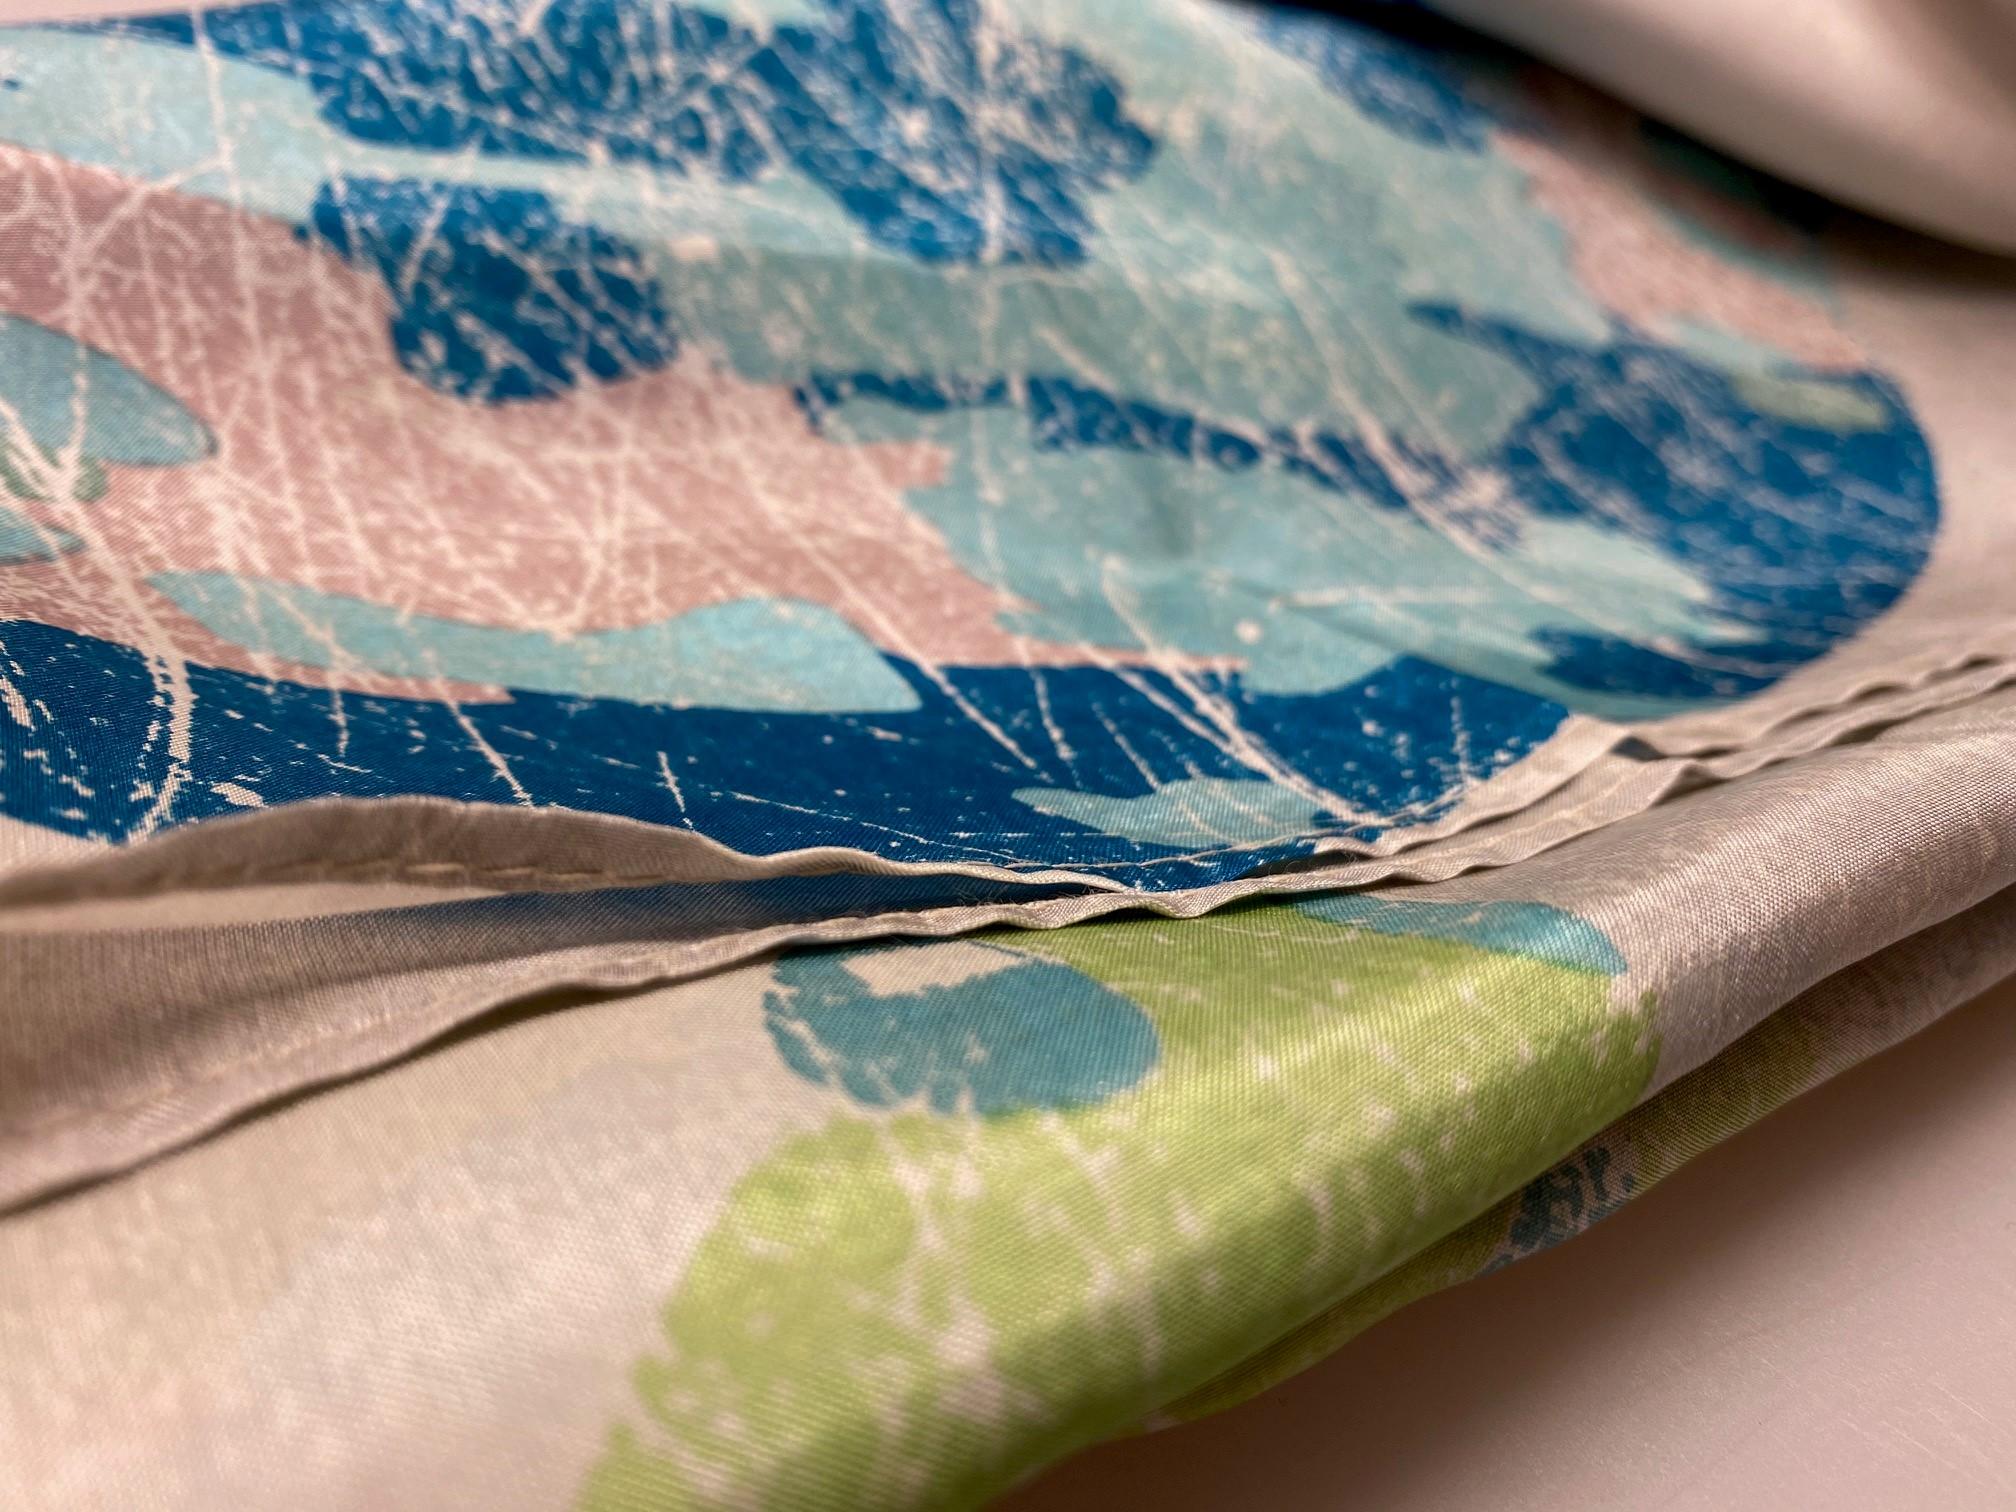 Silketørklæde Satin kvadratisk med tryk Blå Grøn, nordiske, farver, grøn, blå, petrol, petroleumsfarvet, turkis, lysegå, sandfarvet, Silketørklæde Satin kvadratisk med tryk , cremefarvet, sarte farver, afdæmpet, elegant, smart, descent, Silketørklæde Satin kvadratisk med tryk , silke, ren silke, silketørklæde, kvadratisk, firkantet, satin, silkesatin, luksus, lækkert, kvalitet, gaveide, ekstravagant, elegant, topkvalitet, festligt, farverigt, kulørt, dame, sporty, smart, til gråt hår, luner, varmer, blødt, glat, stort, biti, ribe, vadehavet, nationalpark, domkirke,